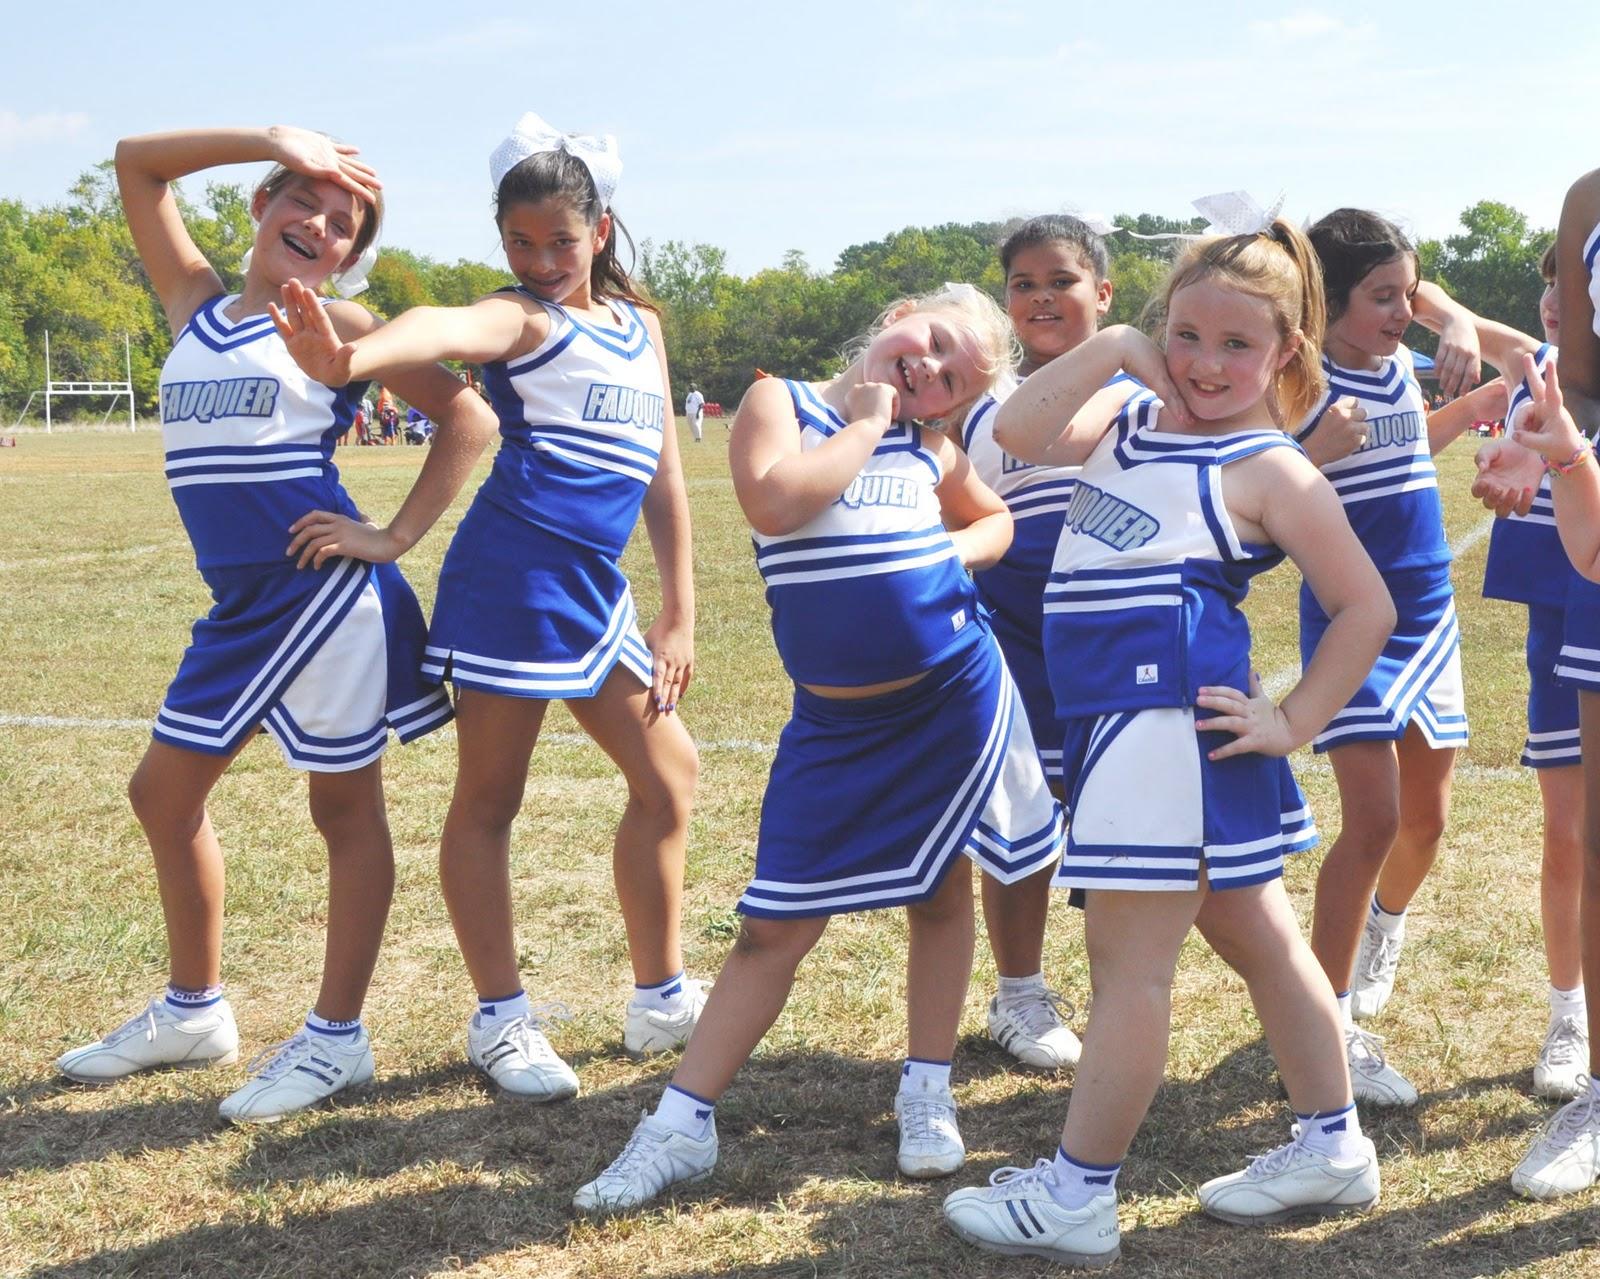 Cheerleaders Kids Cheerleaders, parents, kids